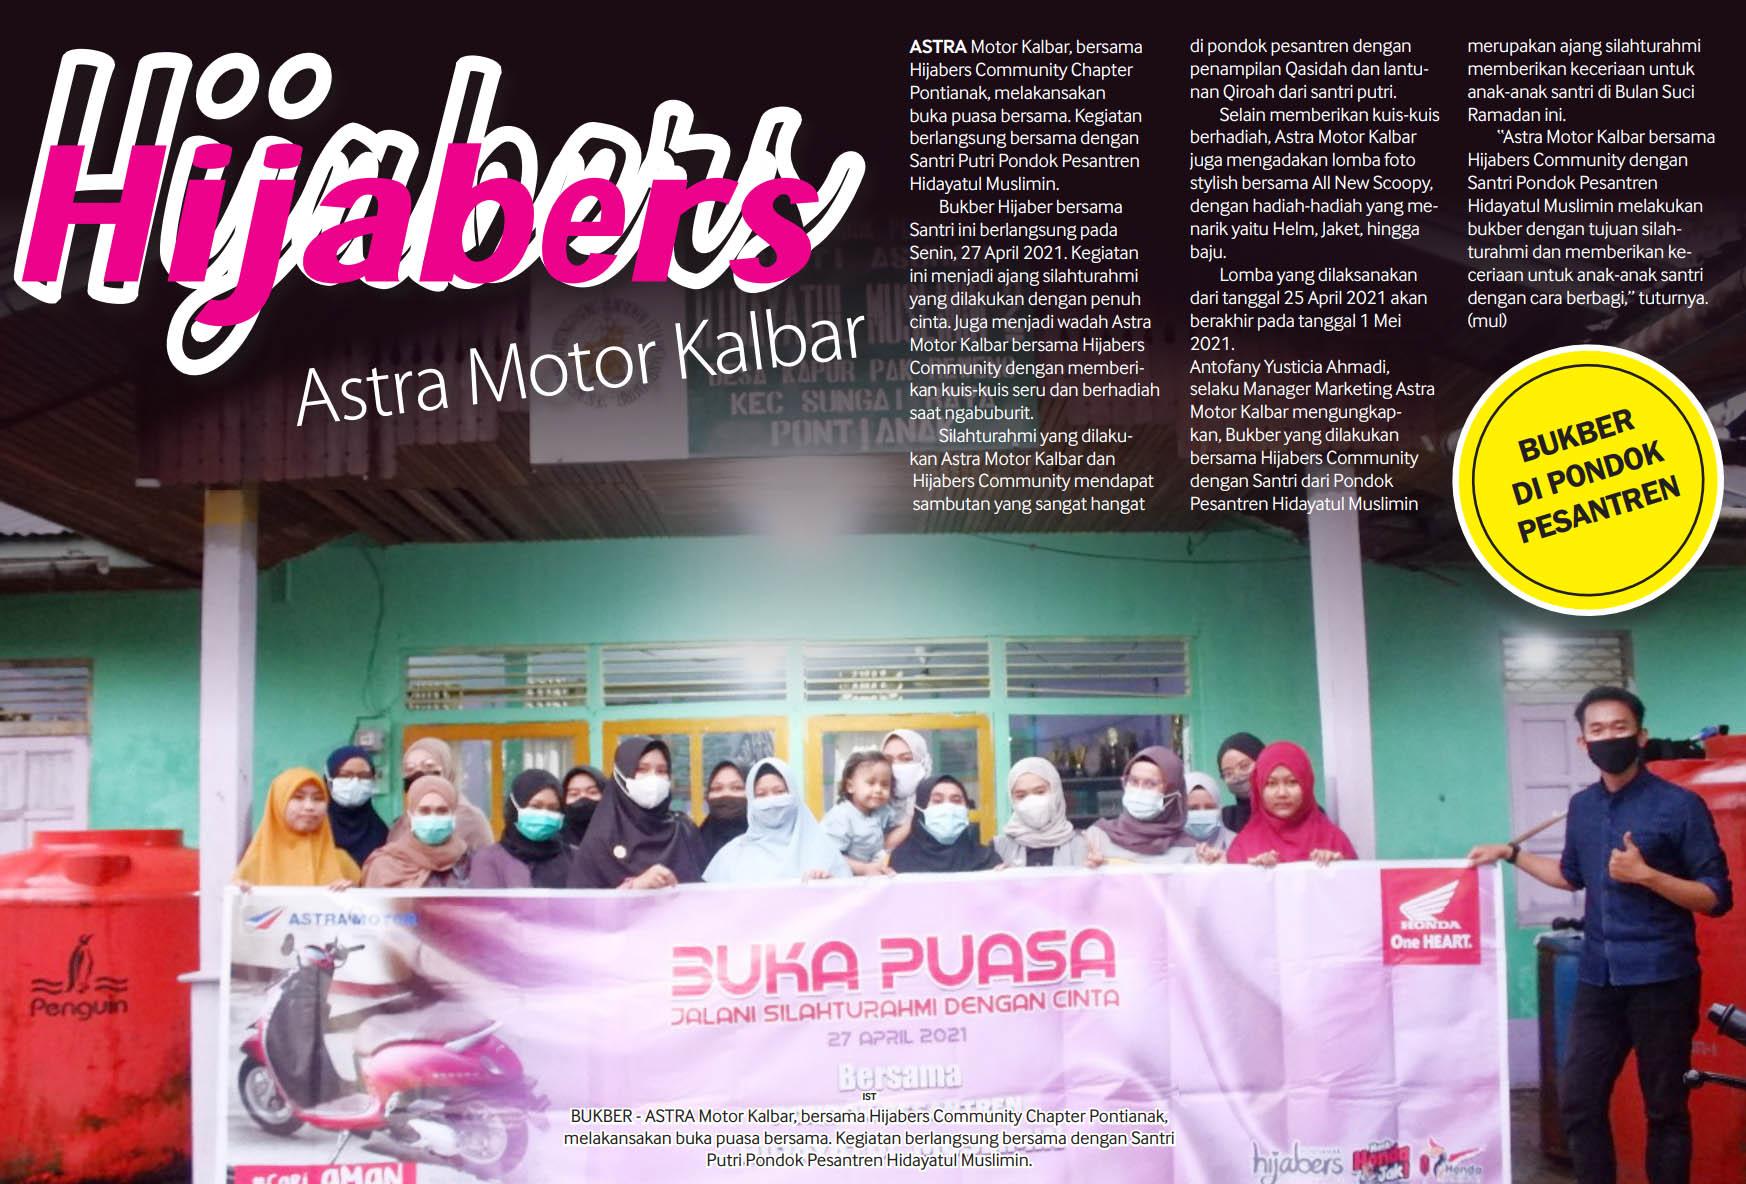 30 apr 2021 Hijaber Astra Motor Kalbar Bukber di Pondok Pesantren